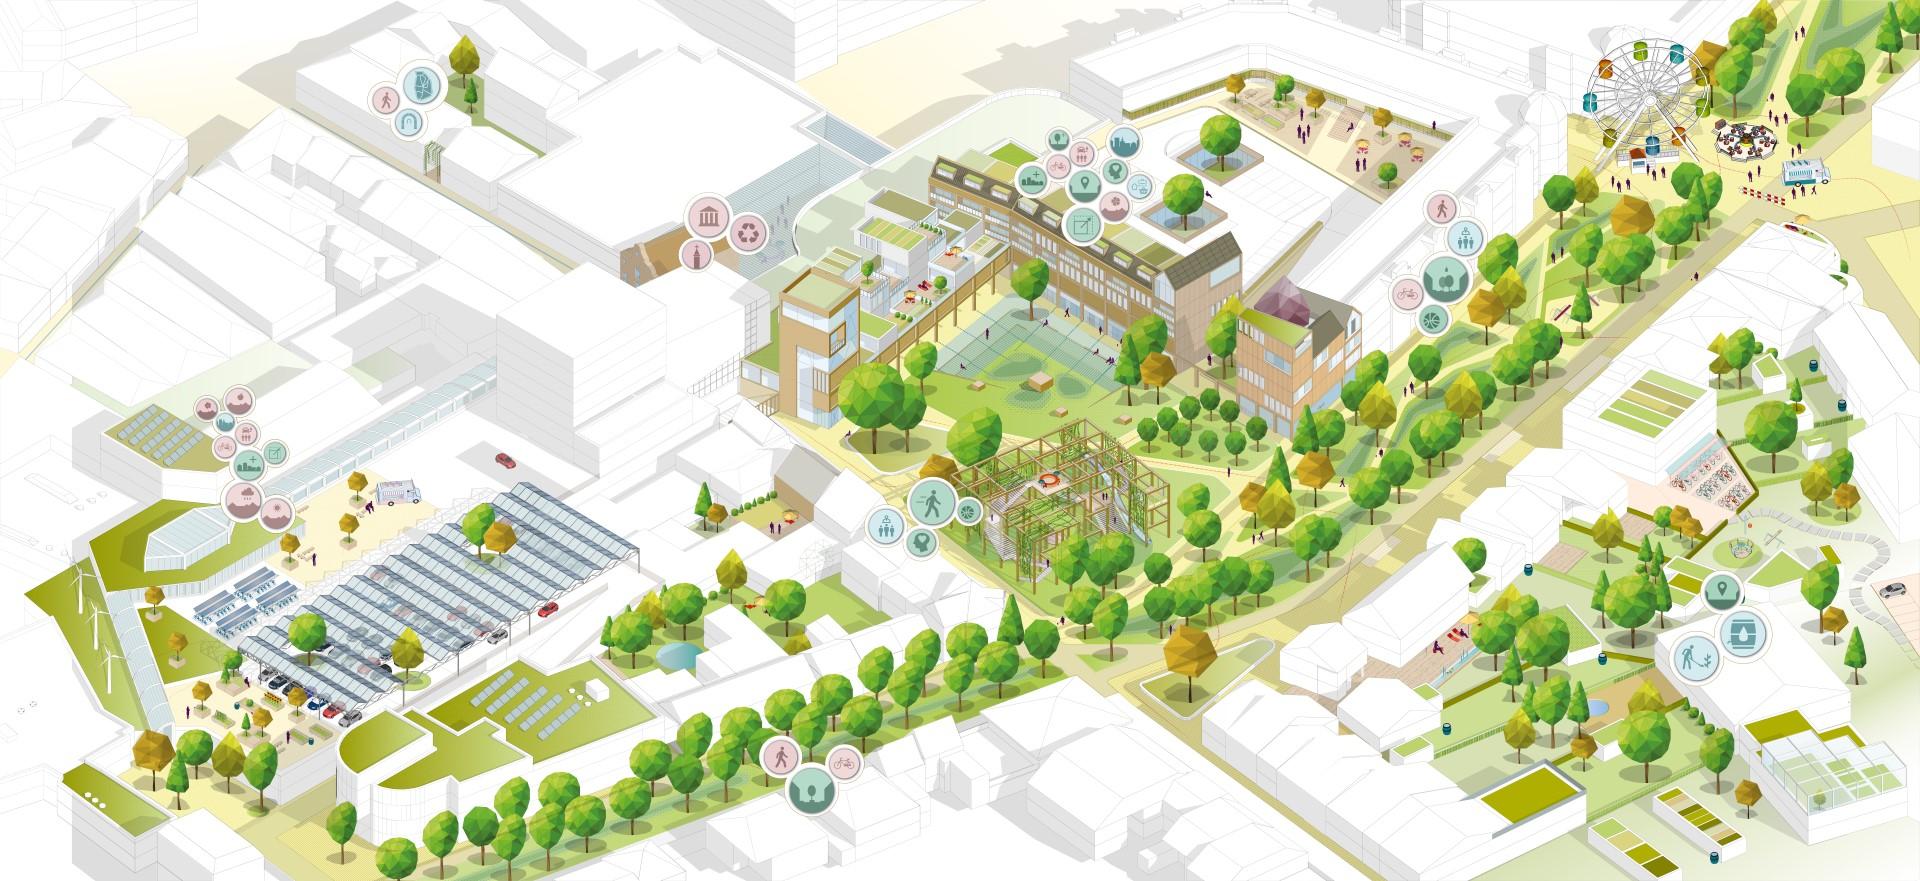 uitwerking van het gebied rondom het Collegeplein, het Muntcomplex en de Wilhelminasingel